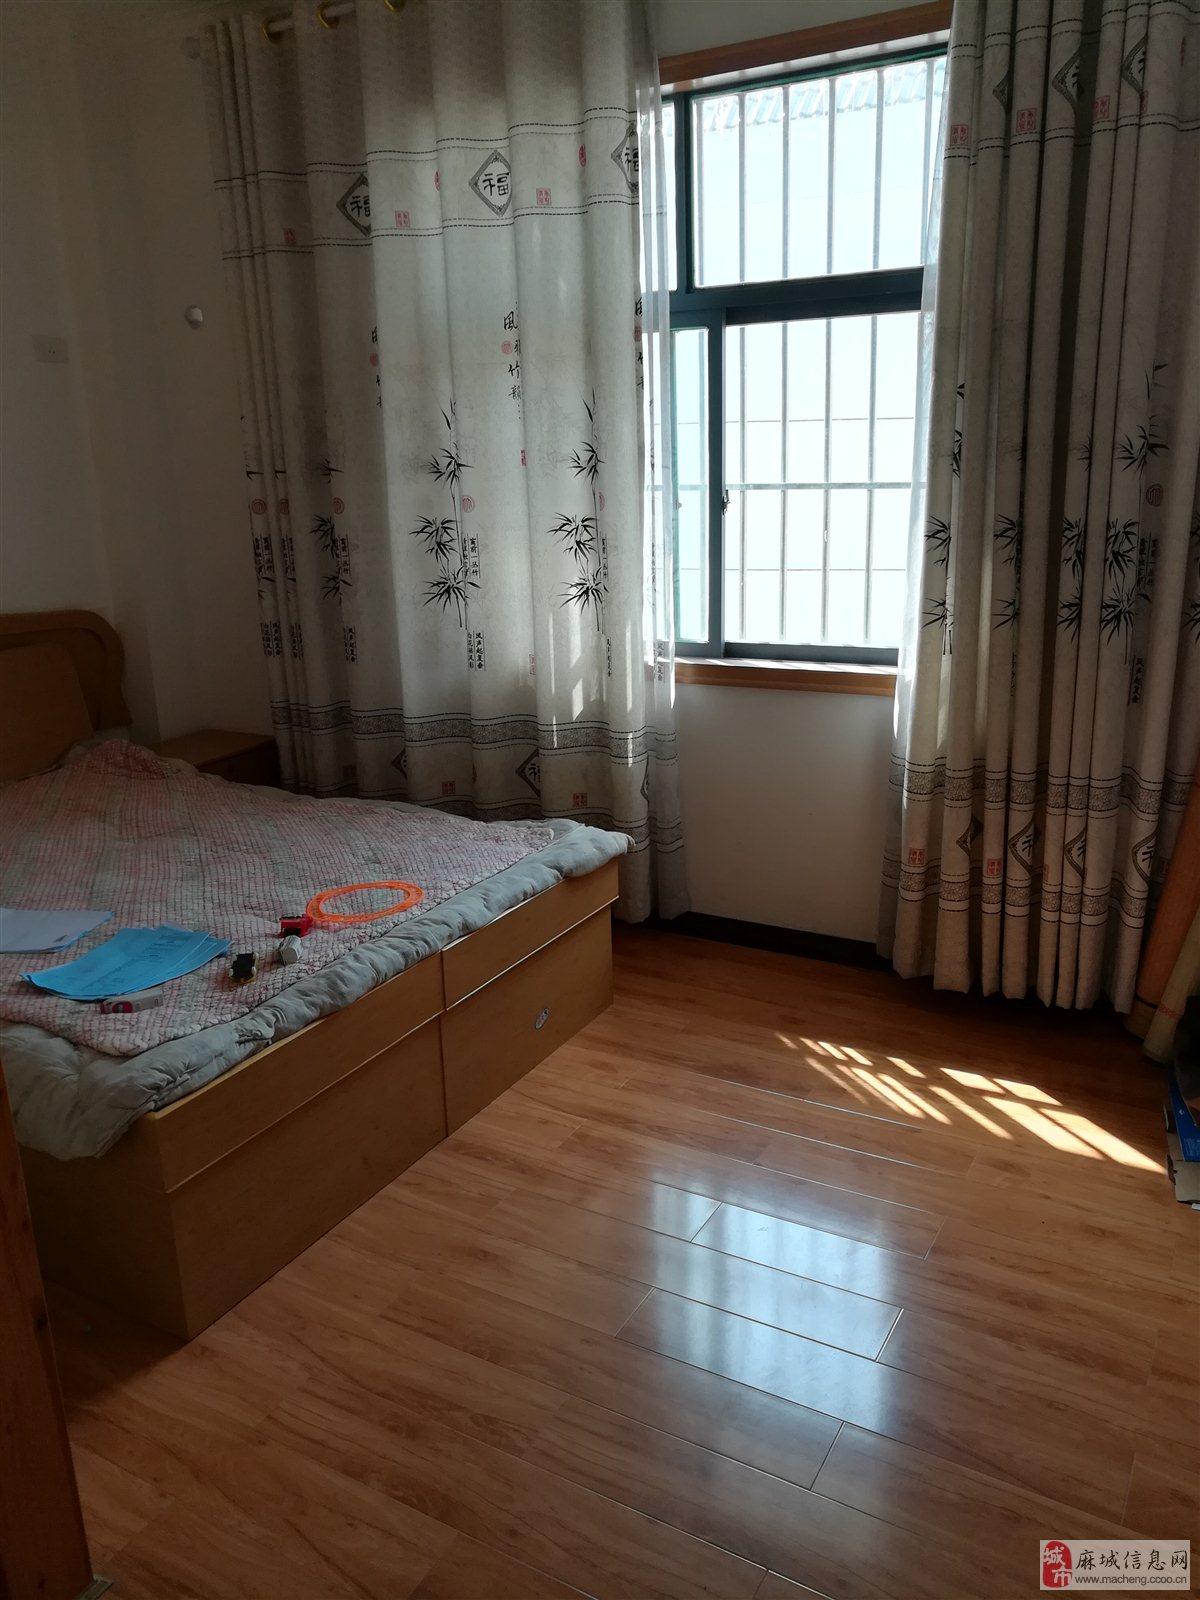 麻城市金谷金丰园复式5室2厅3卫62万元简装藏式装修效果图图片